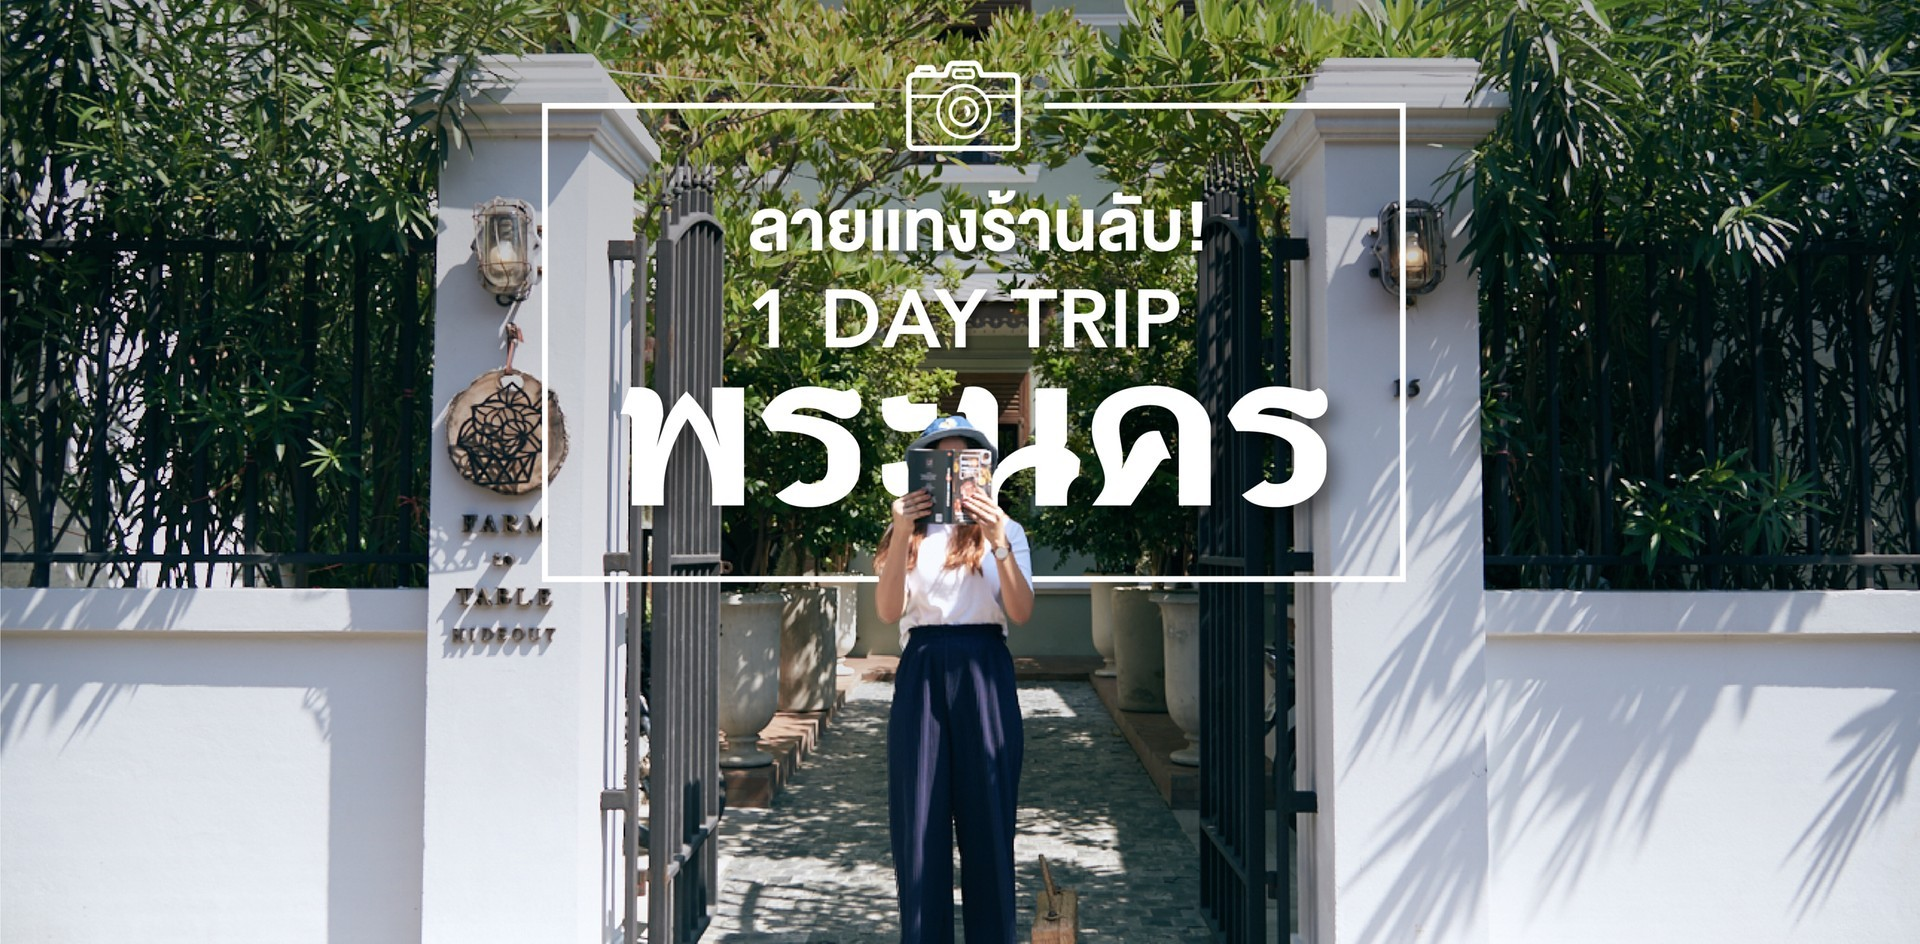 ลายแทงร้านลับ! 1 day trip ย่านพระนครกับหนังสือ Users' Choice 2017